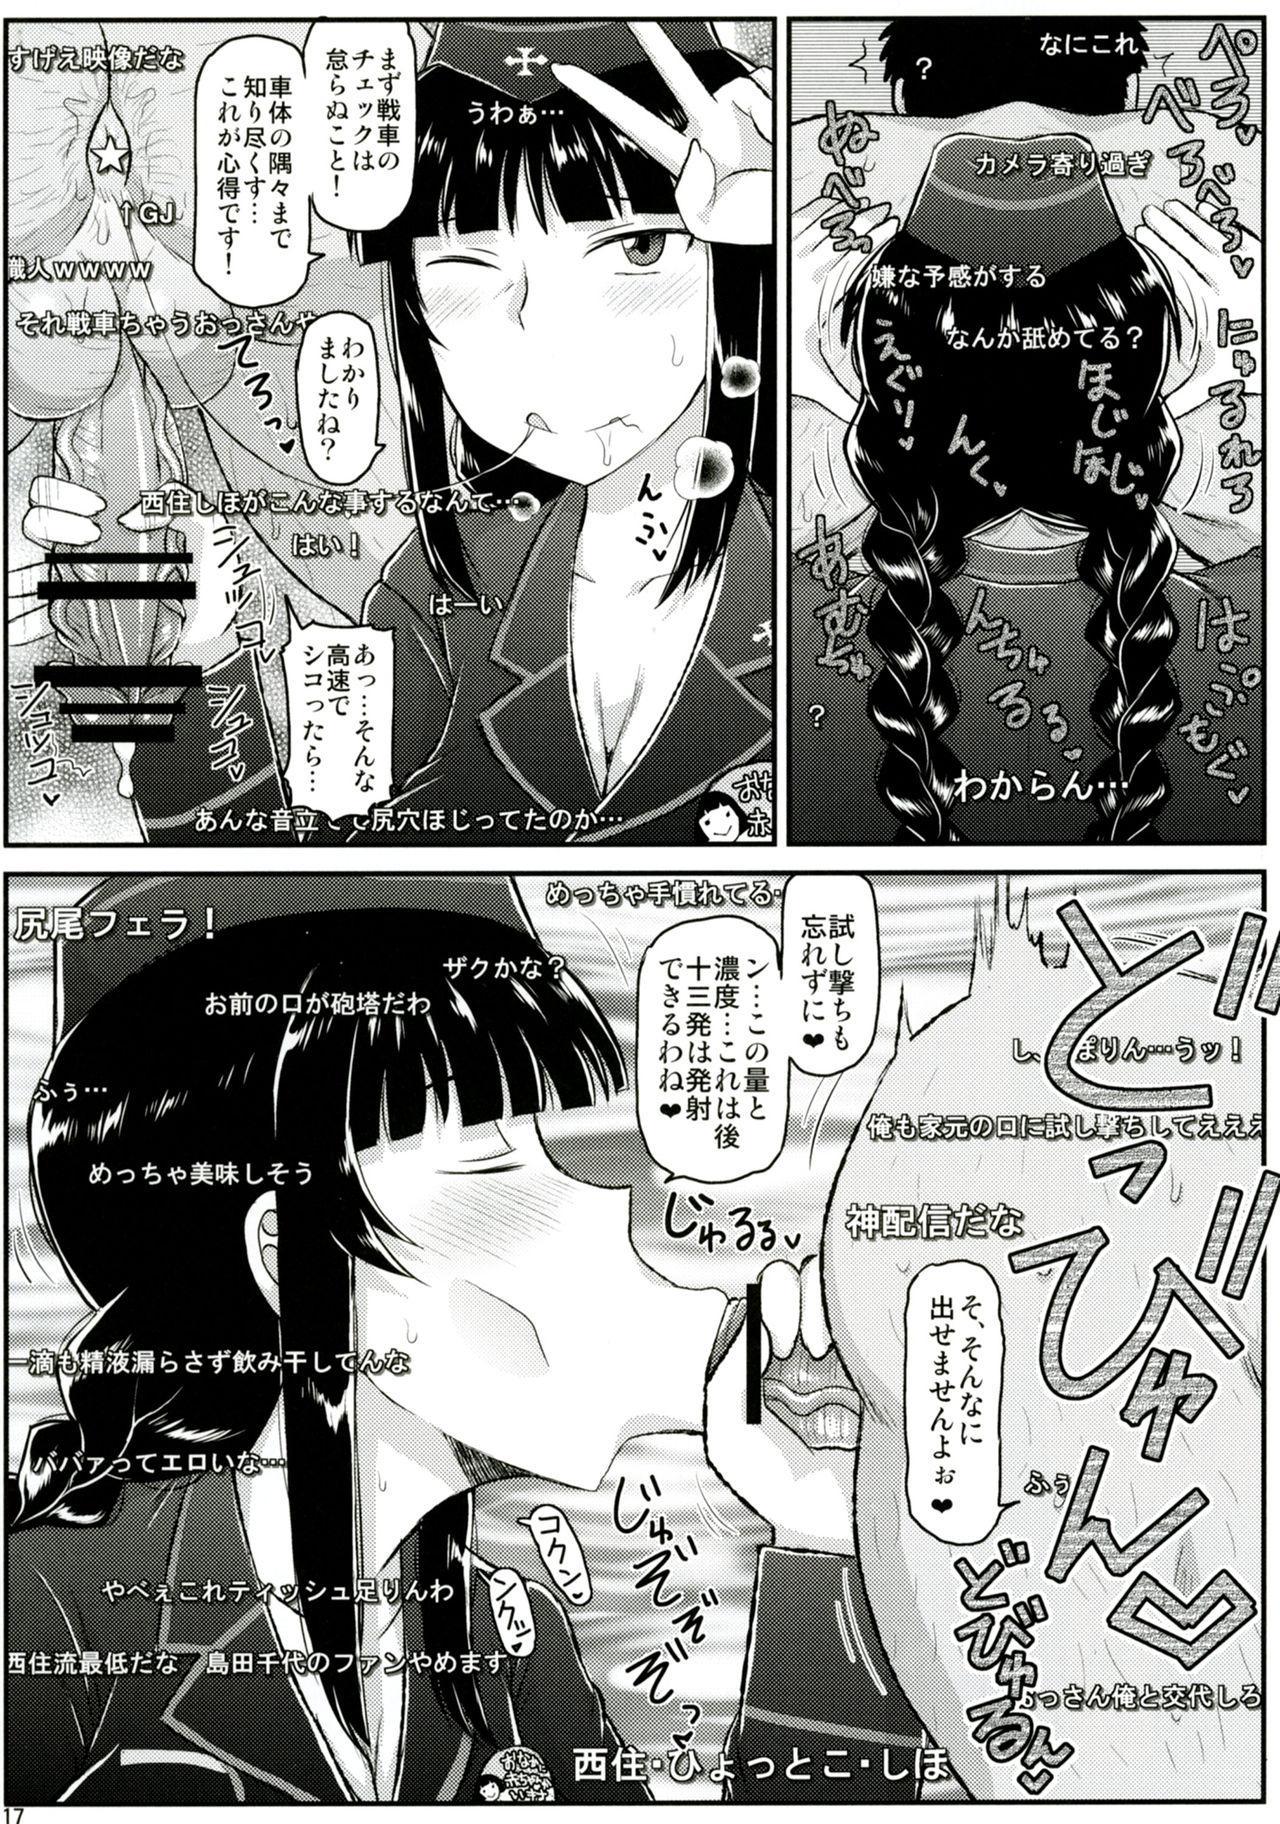 Girl?s & Semen III Nishizumi Shiho no Moteamashita Ureure Body wo Chuunen Chinpo de Soutou Sakusen! Iemoto Ransou ni Idenshi Seichuu Butai Shinkou Kaishi 17